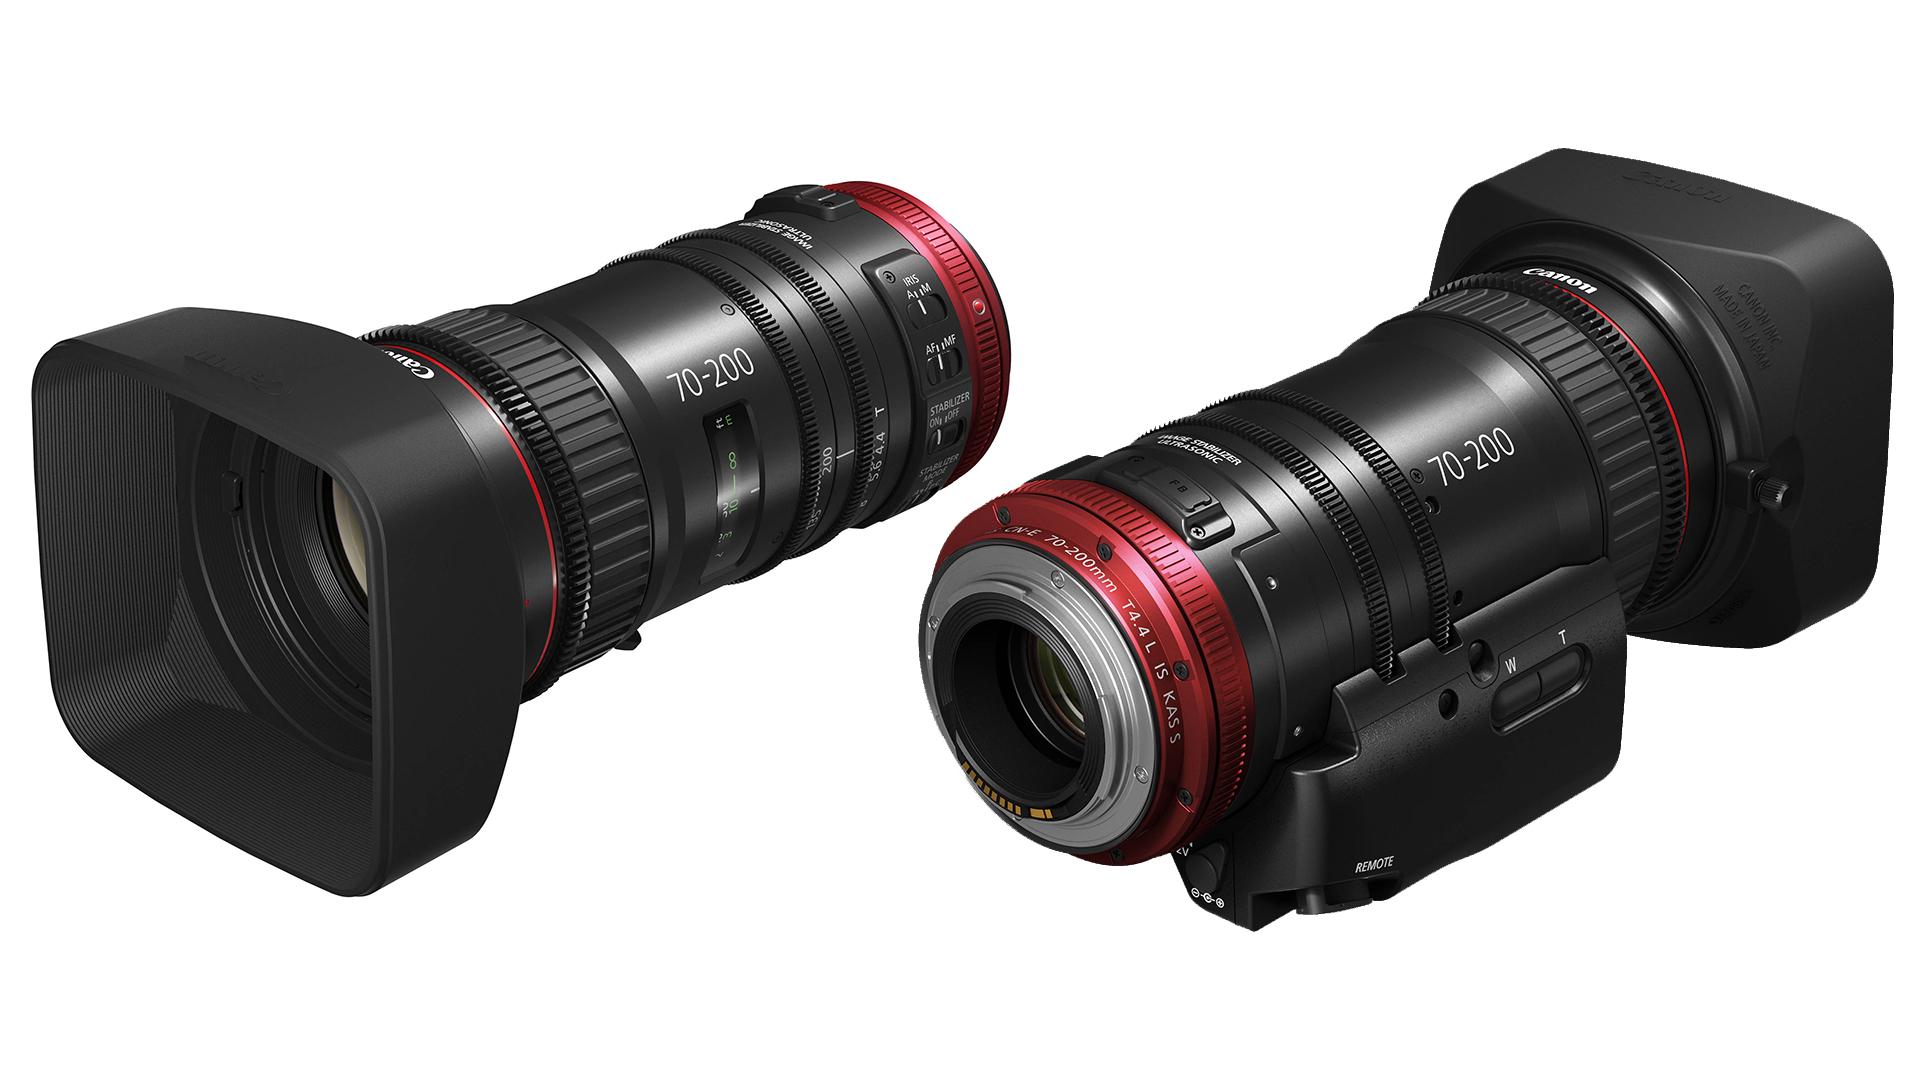 キヤノンCN-E 70-200mm T4.4を発表